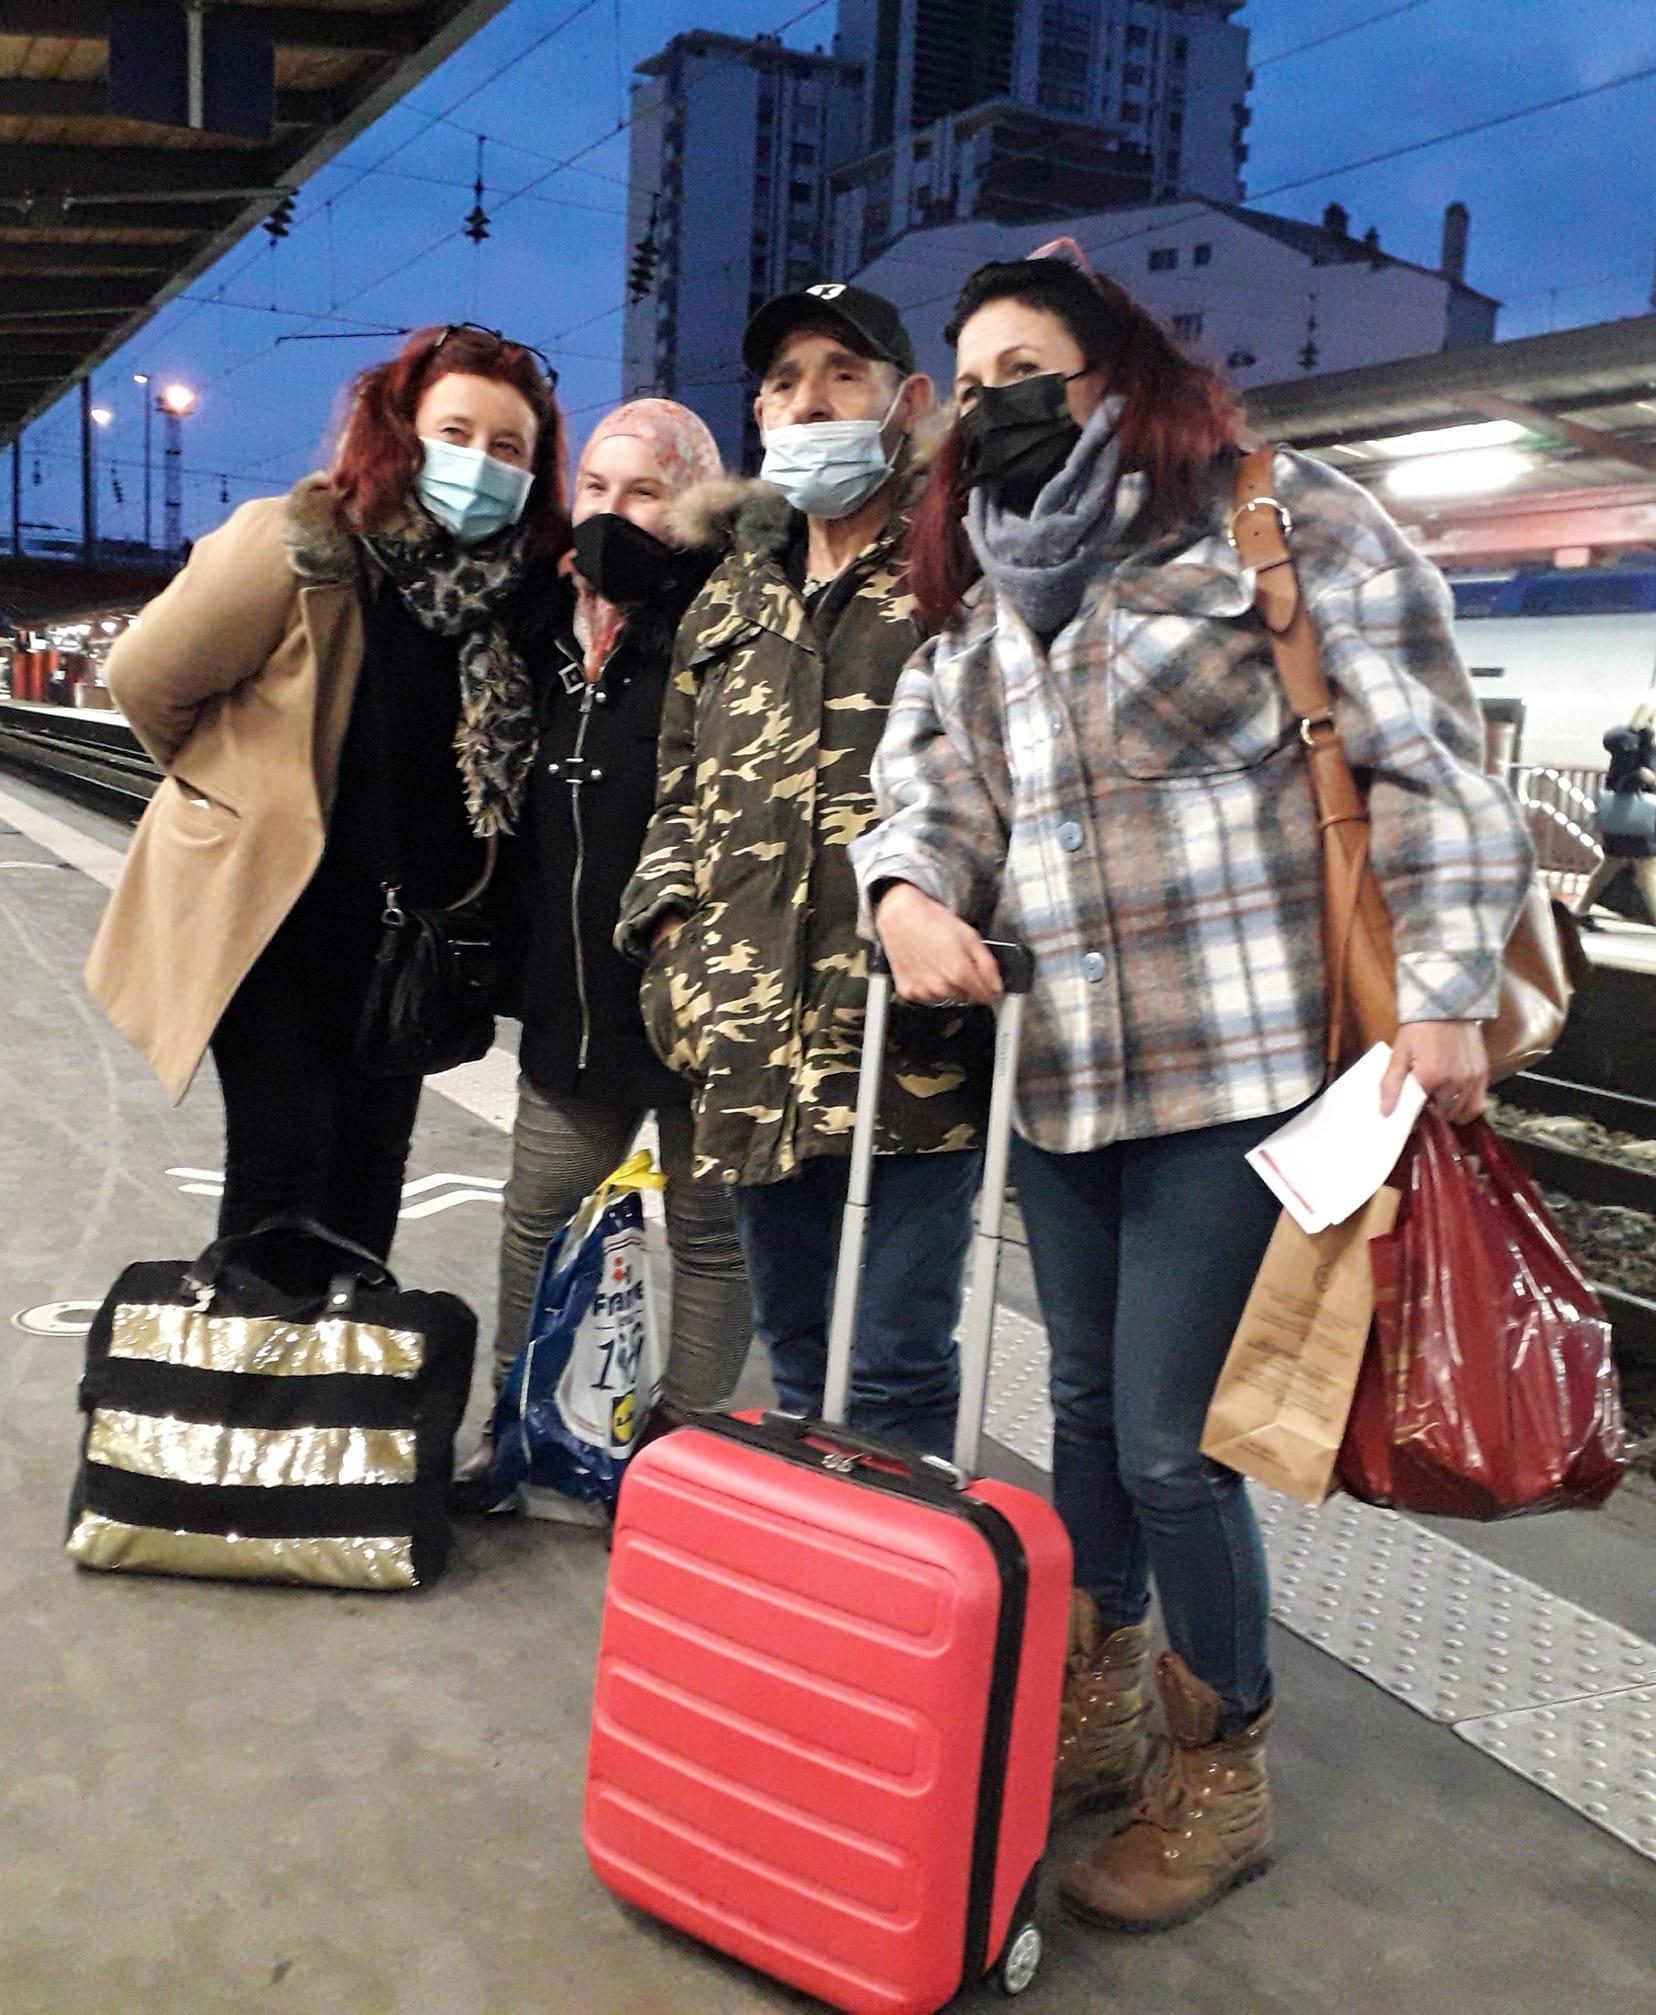 Οι δυο γυναίκες που κινητοποιήθηκαν, με τον άστεγο και την 26χρονη κόρη του